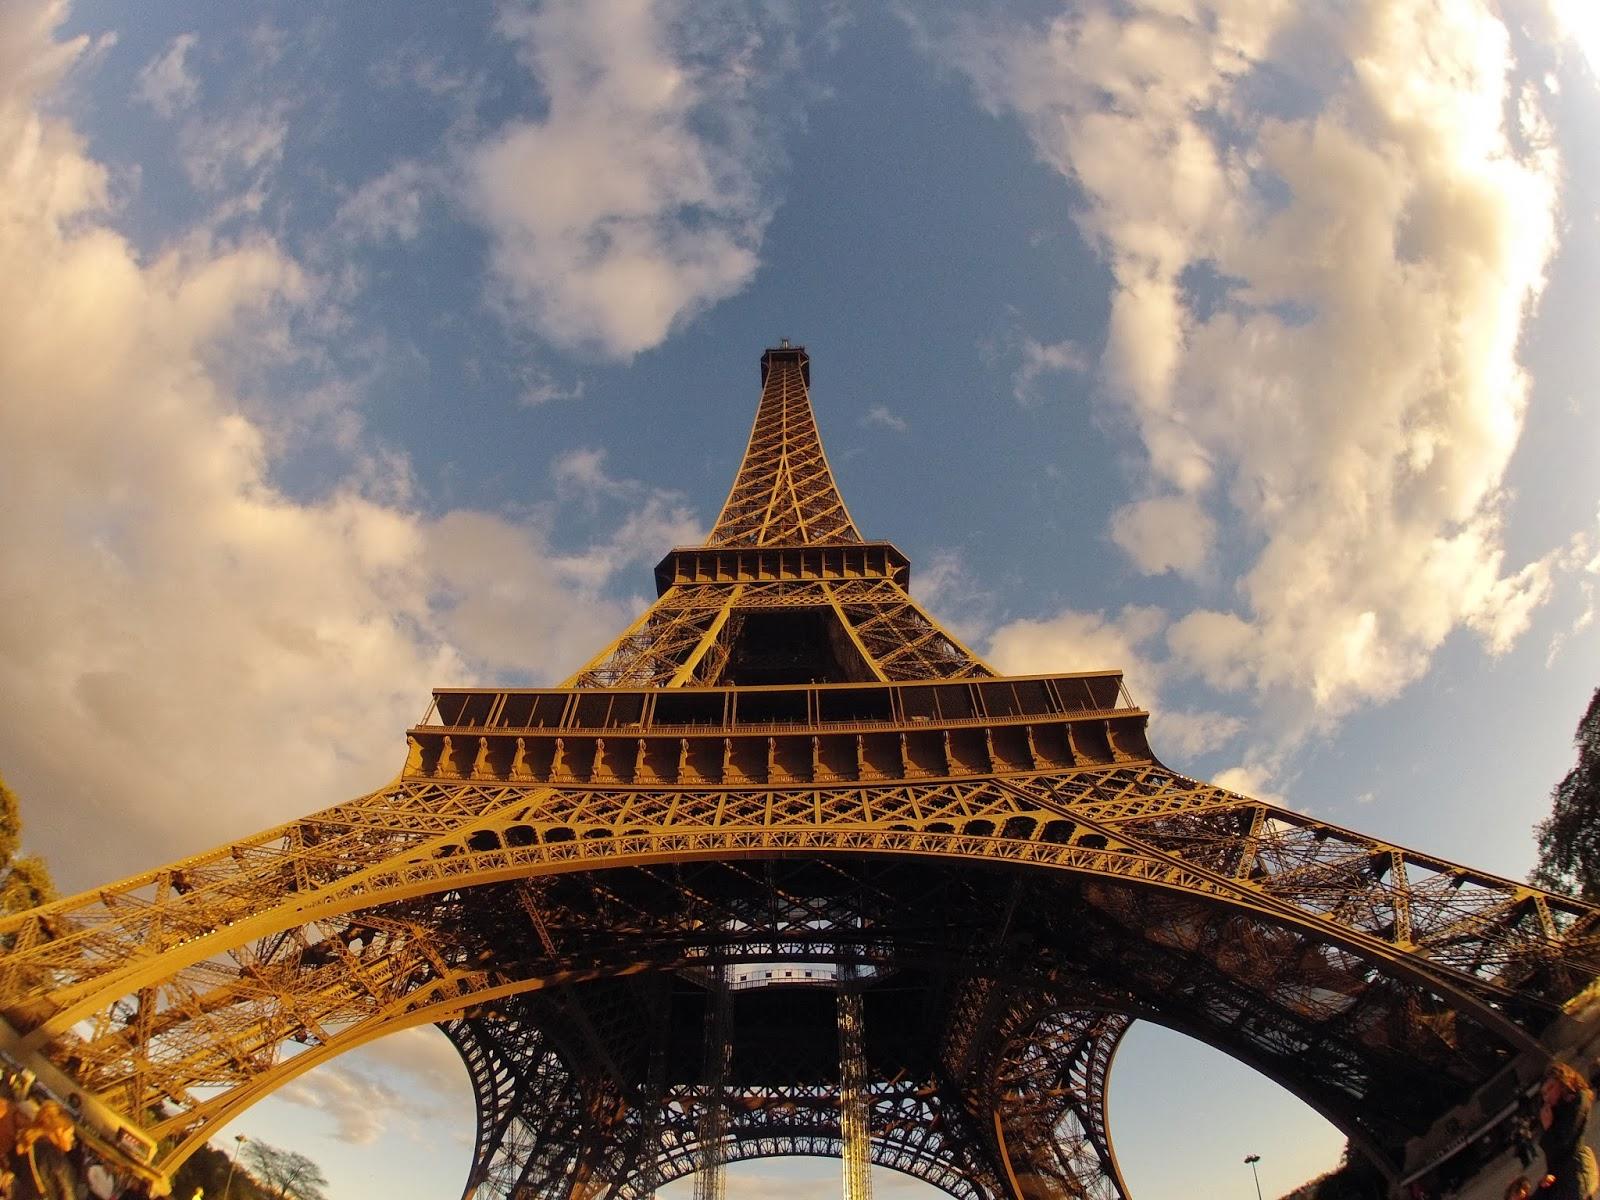 Vista de la Torre Eiffel desde abajo